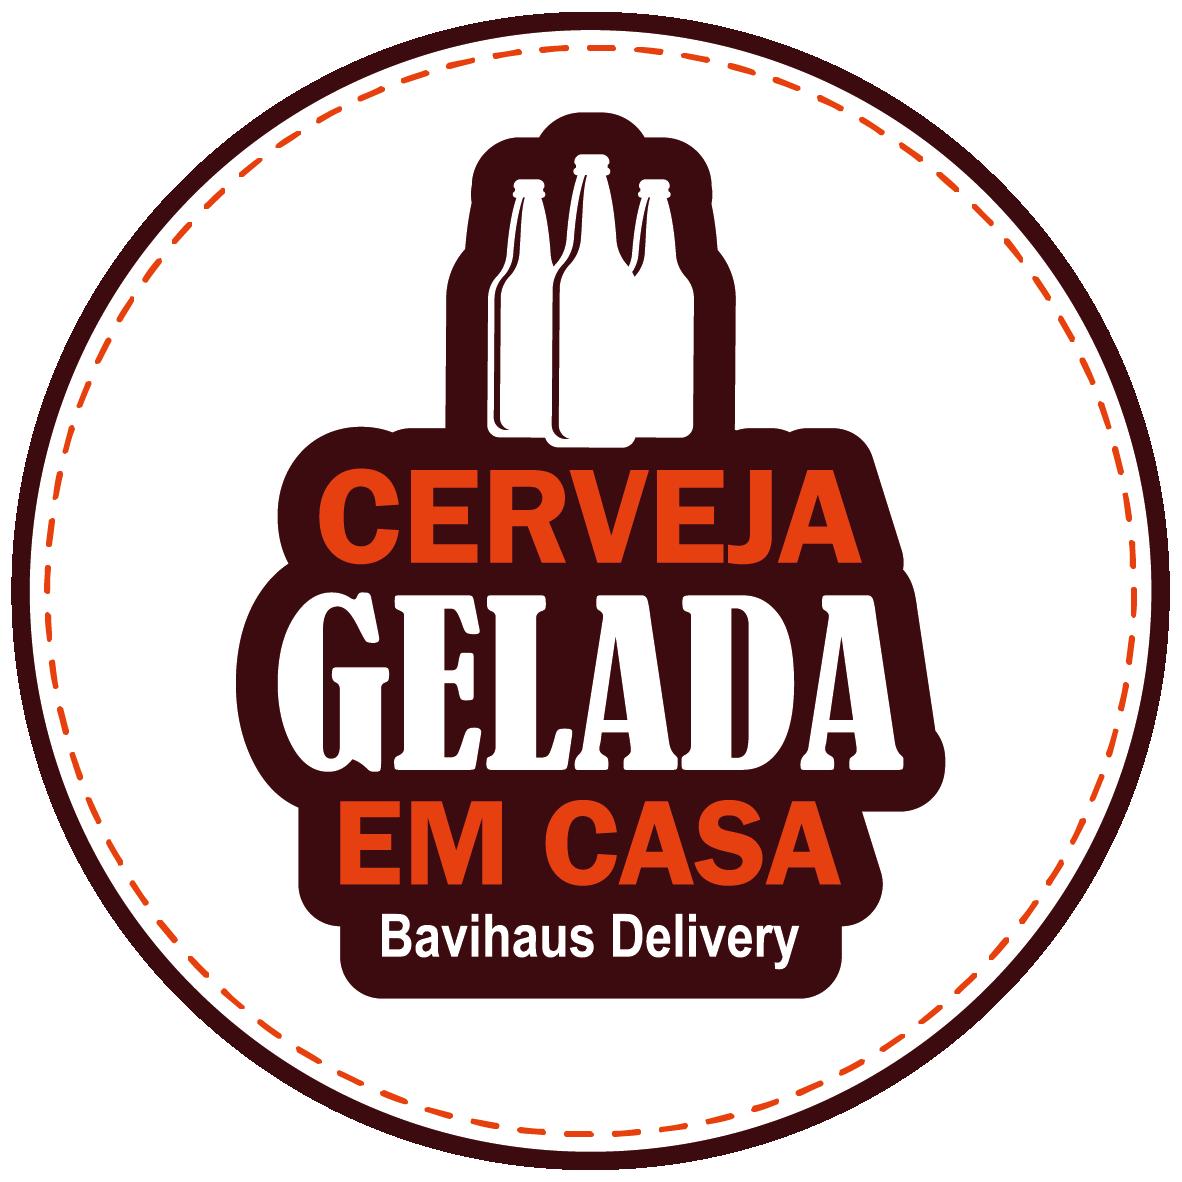 Selo Cerveja Gelada em Casa - Bavihaus Delivery